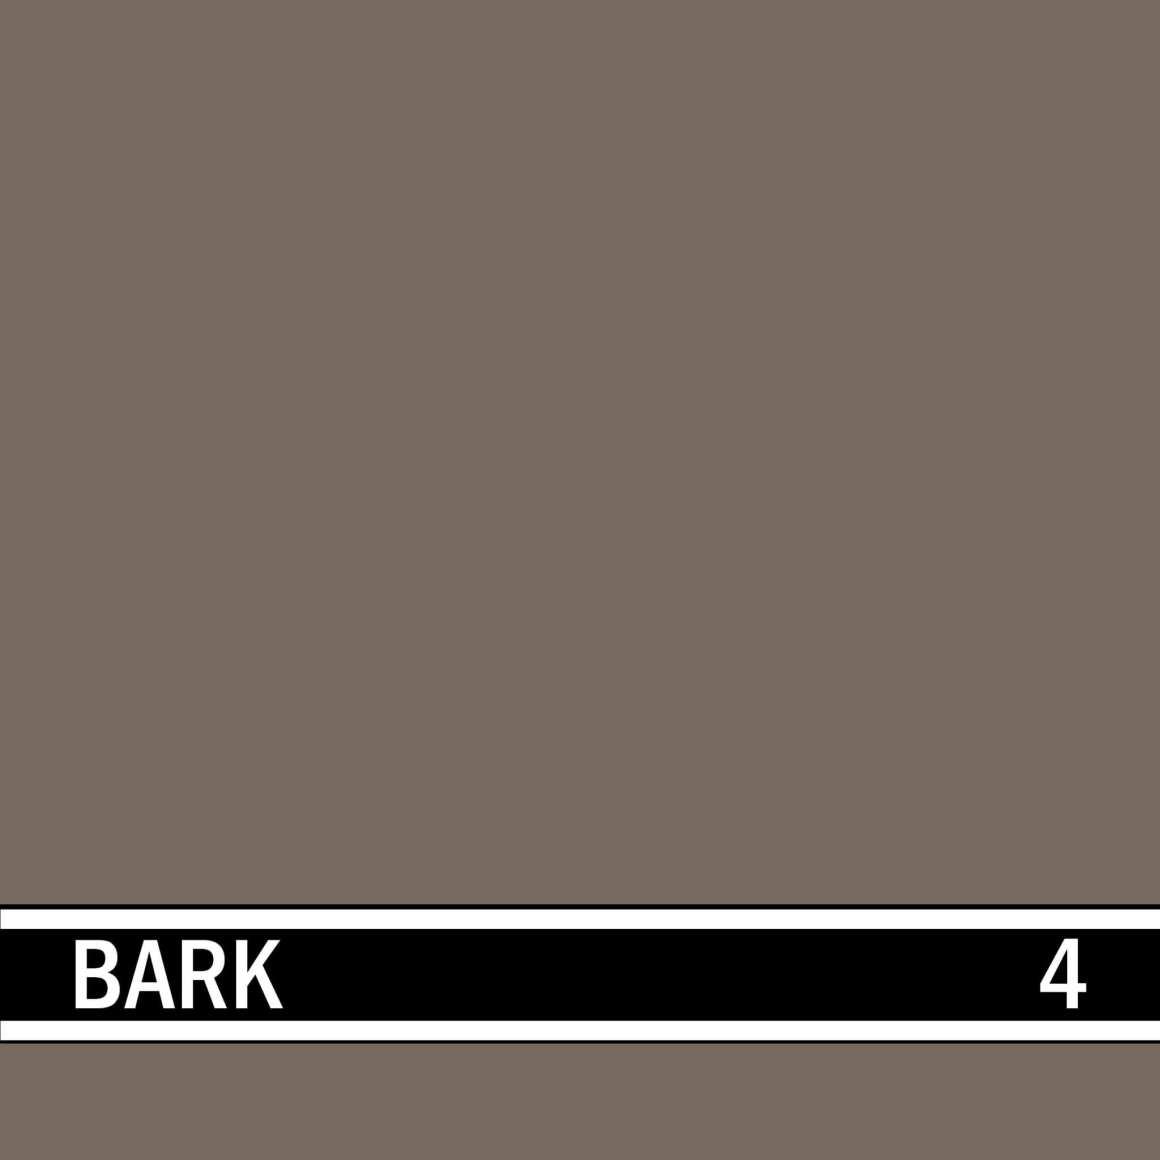 Bark integral concrete color for stamped concrete and decorative colored concrete